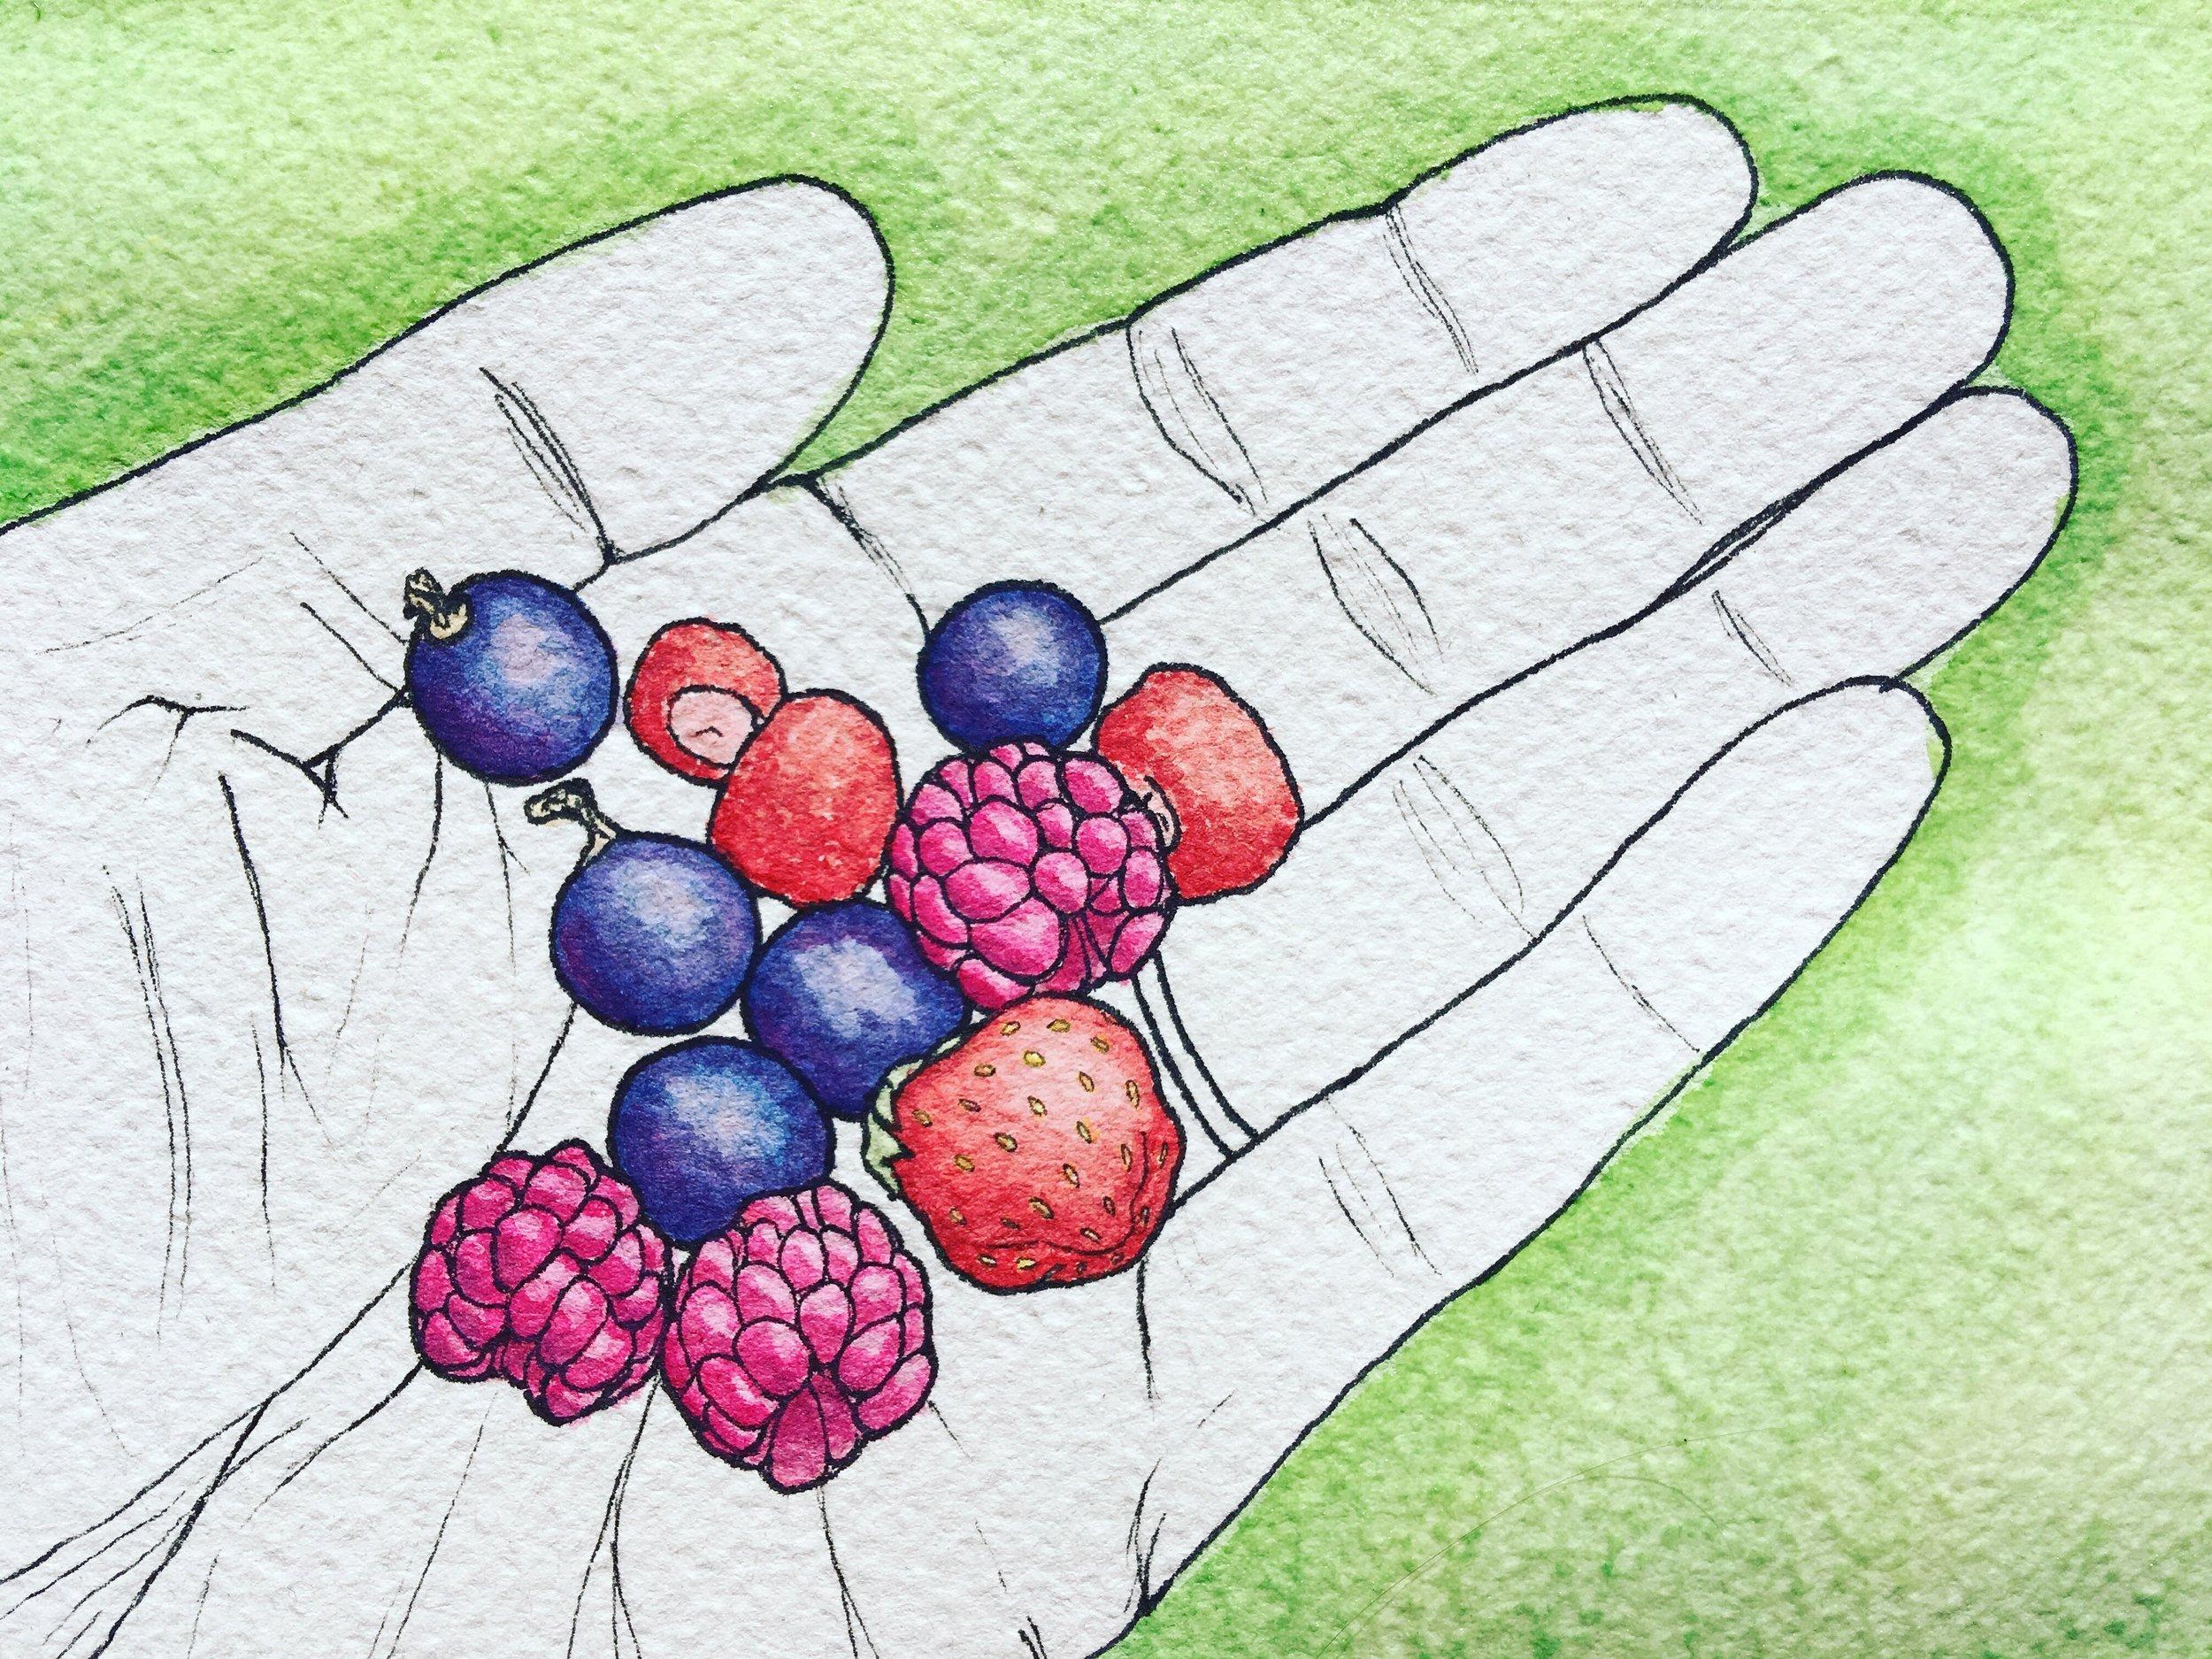 92_Backyard berries.JPG